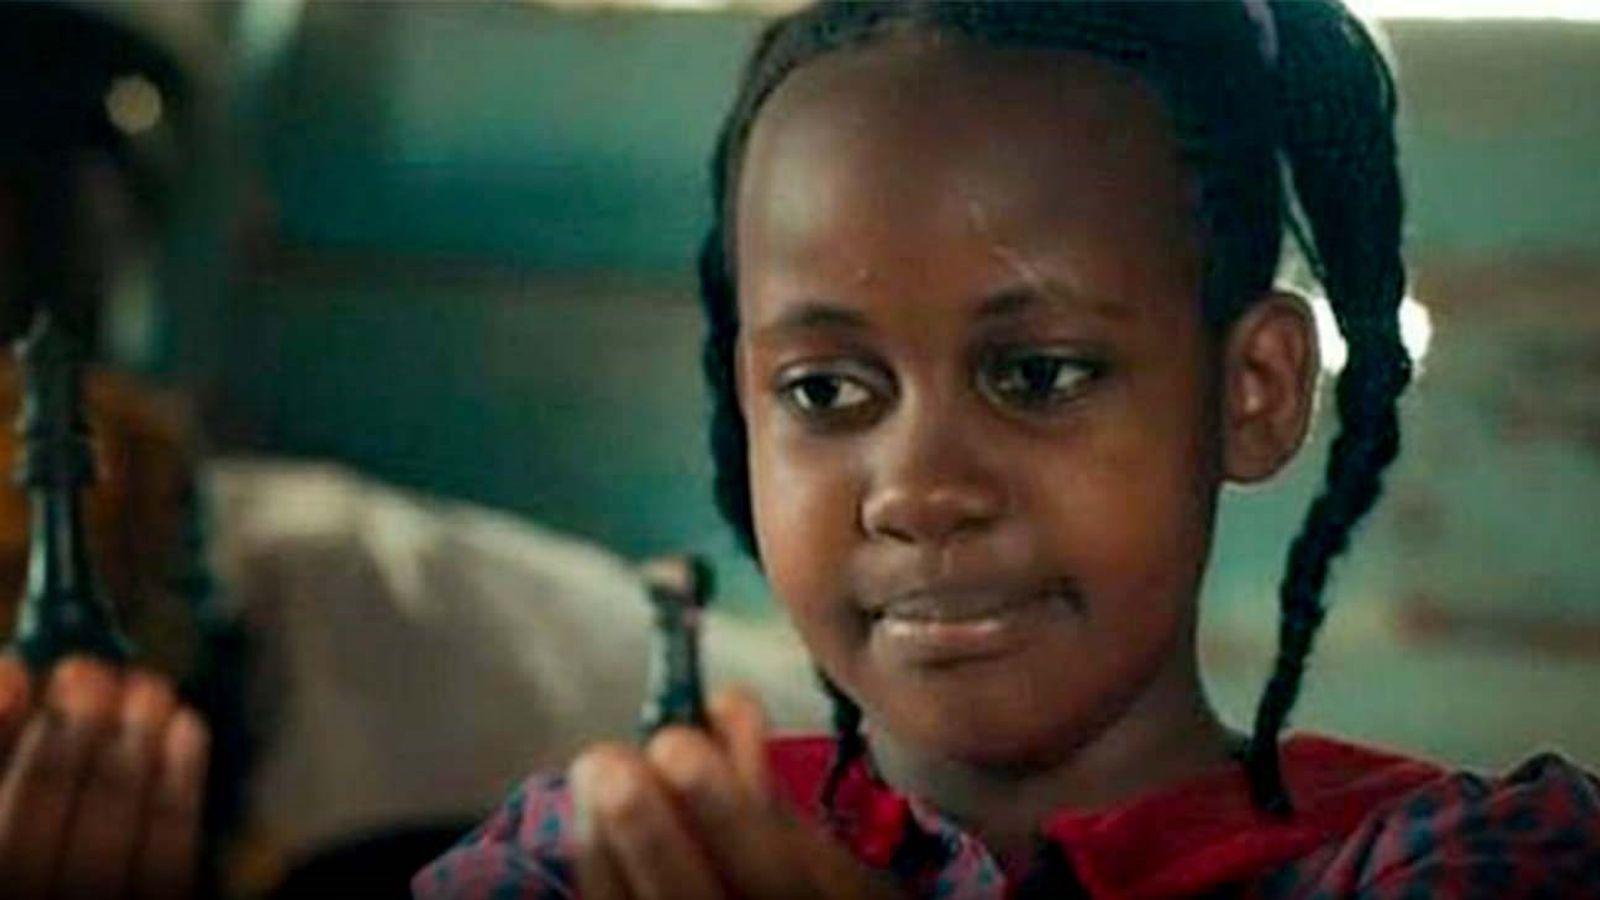 Nikita Pearl Waligwa: Disney actress who was 'darling to many' dies at 15